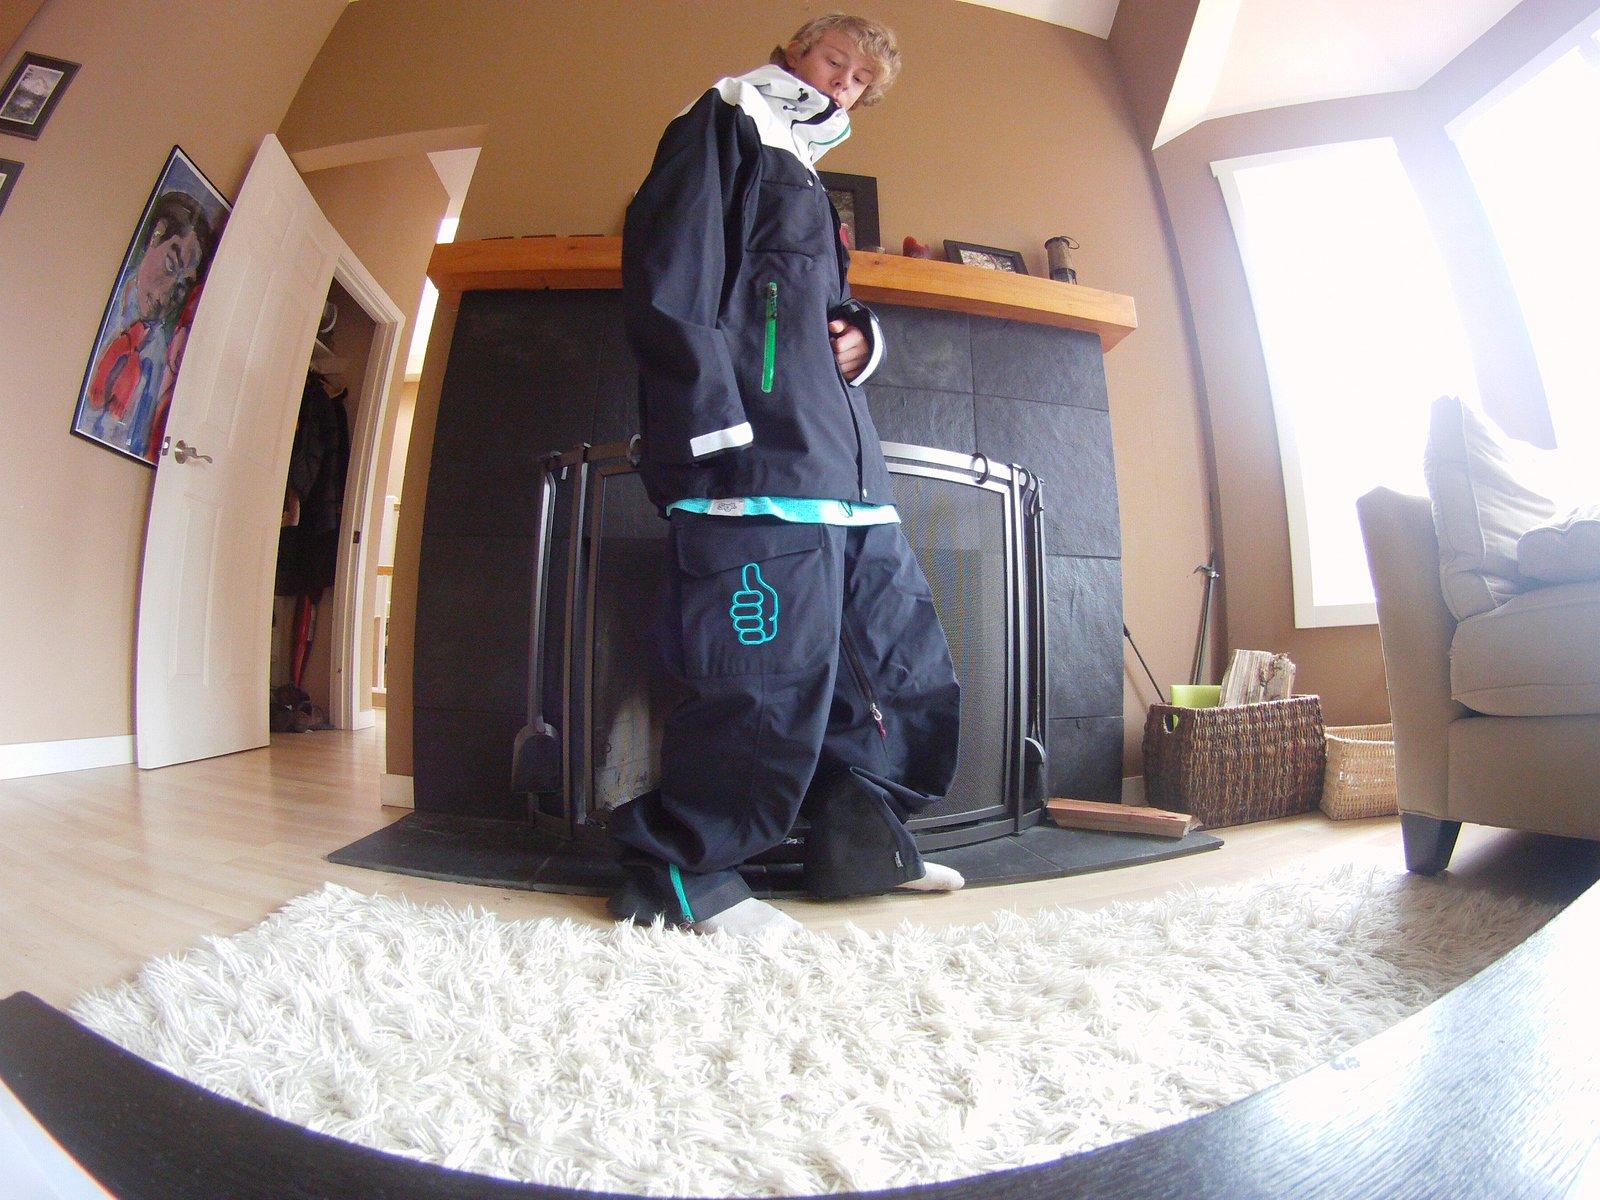 Full trew suit